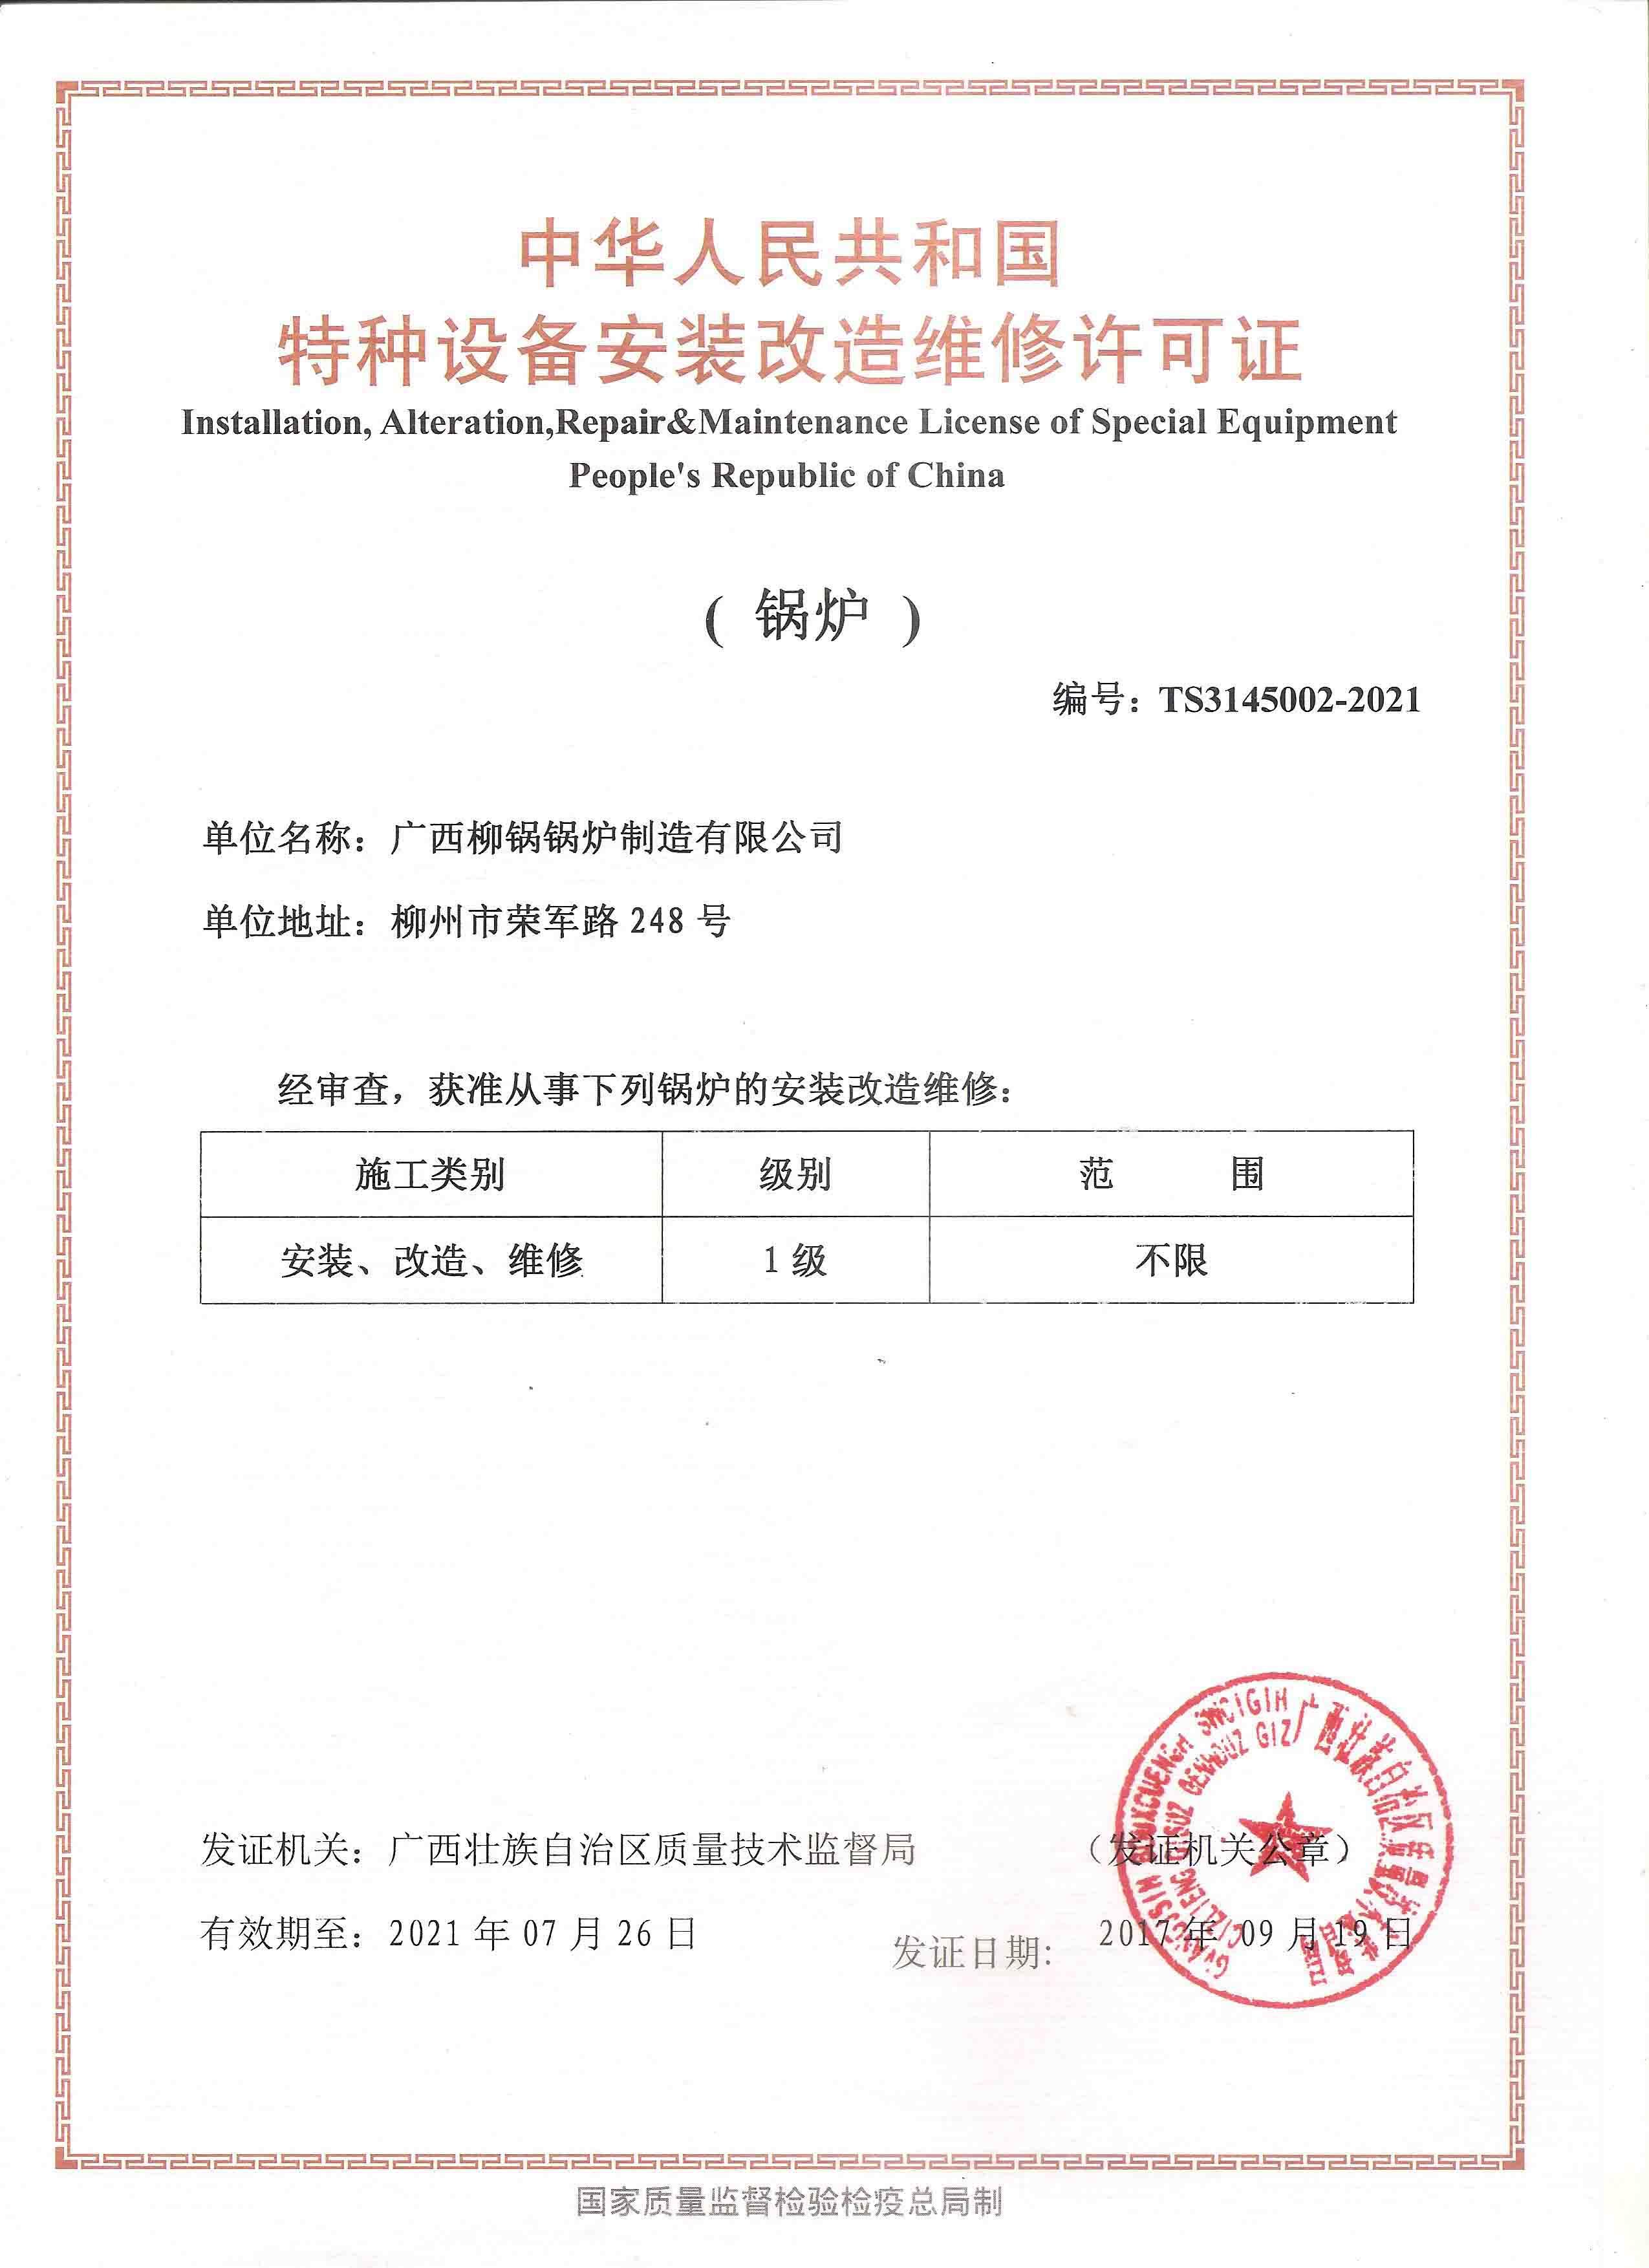 万博网页版登录注册安装改造维修许可证